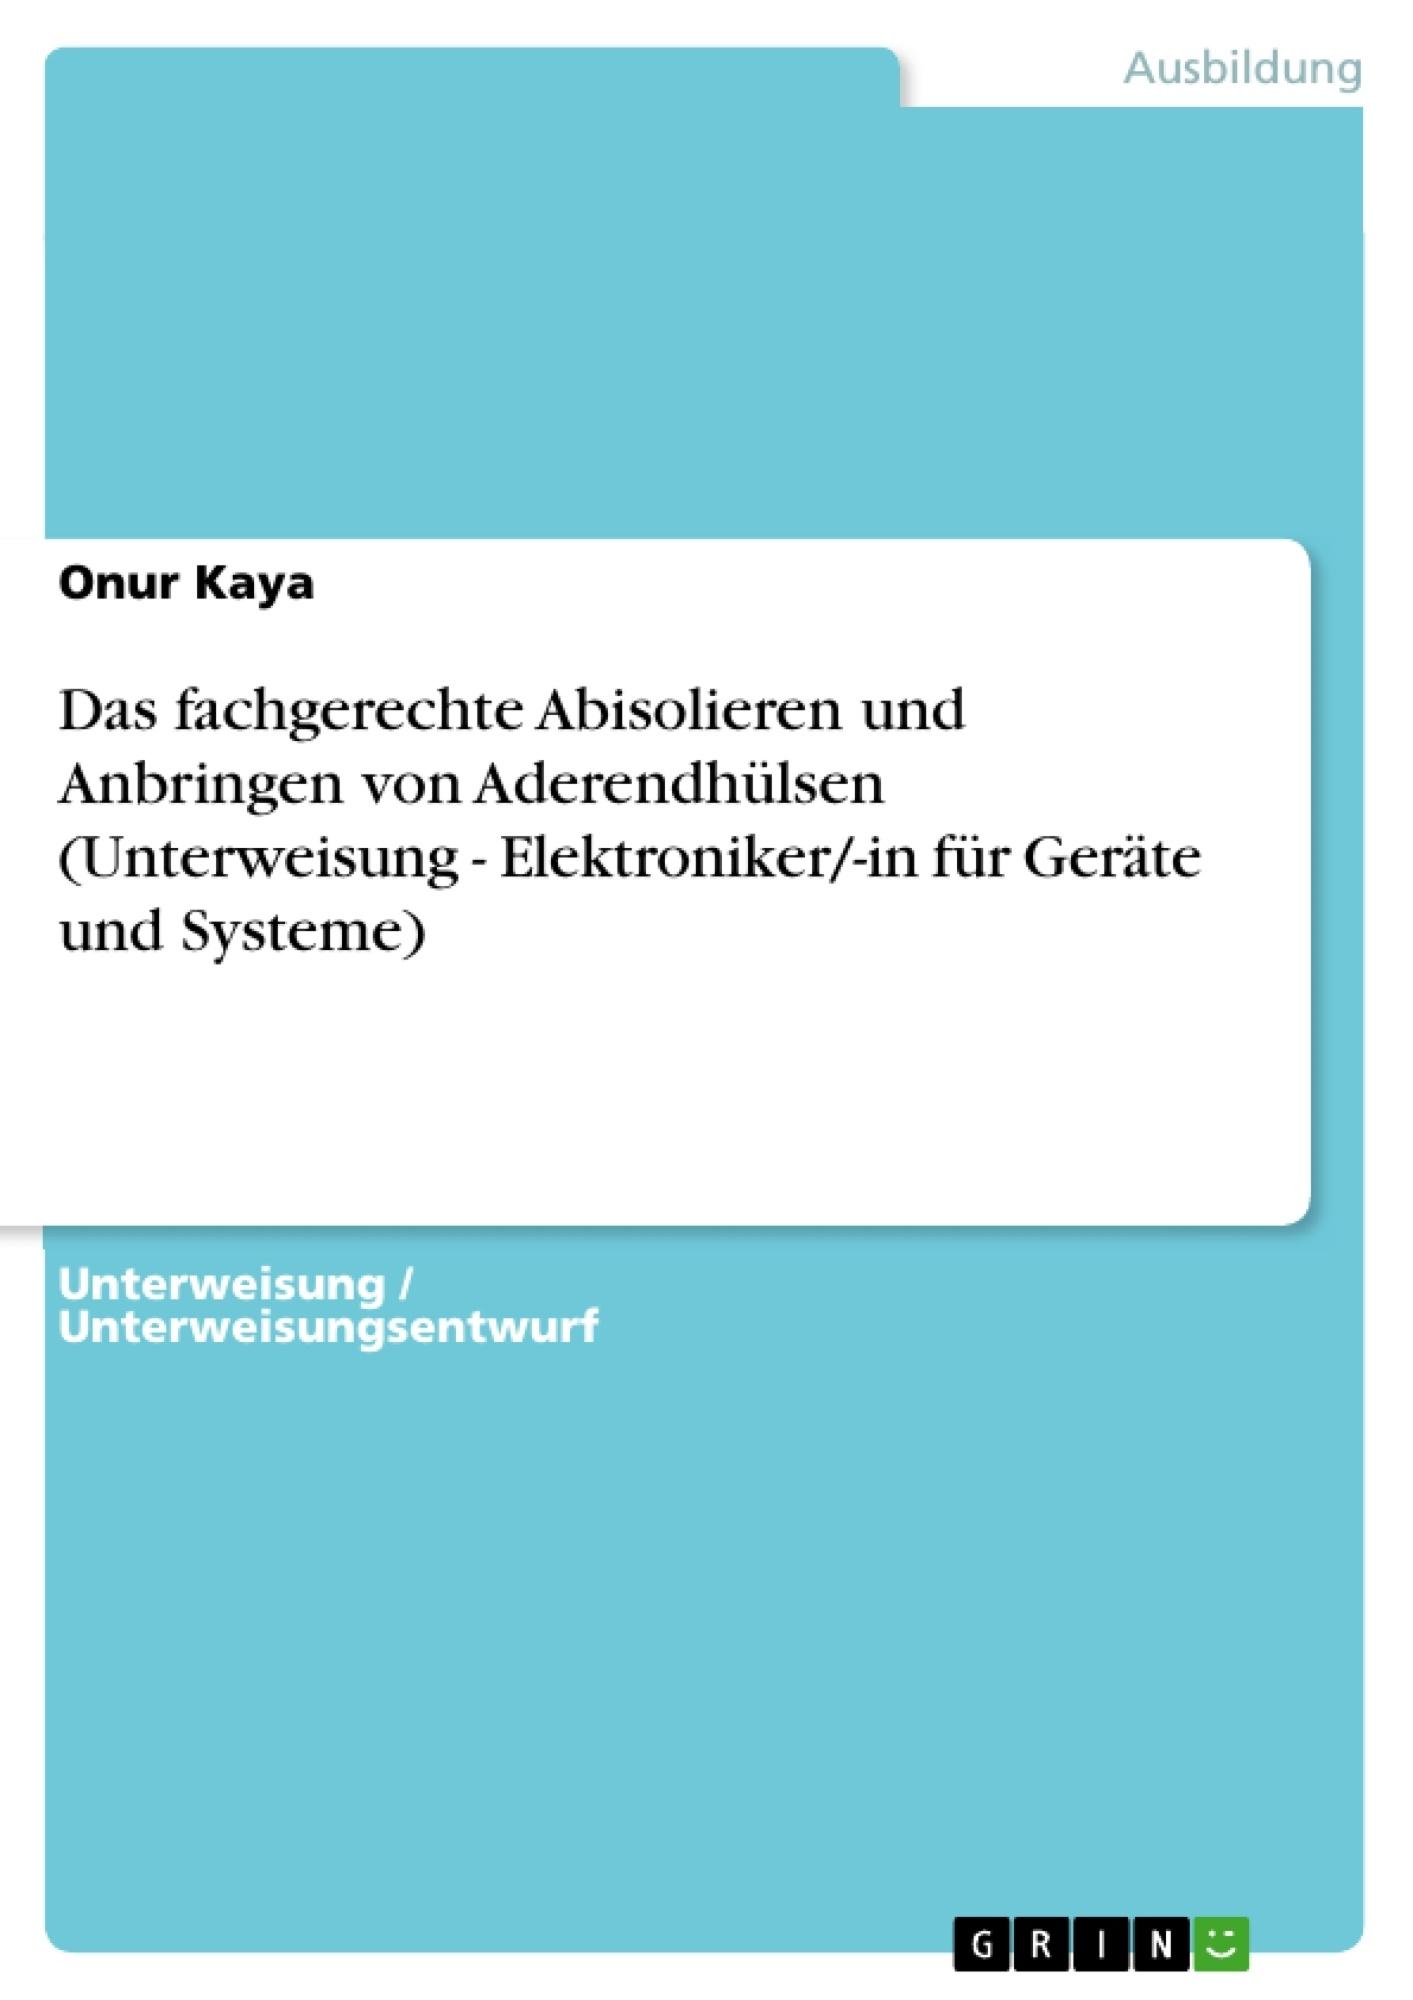 Titel: Das fachgerechte Abisolieren und Anbringen von Aderendhülsen (Unterweisung - Elektroniker/-in für Geräte und Systeme)